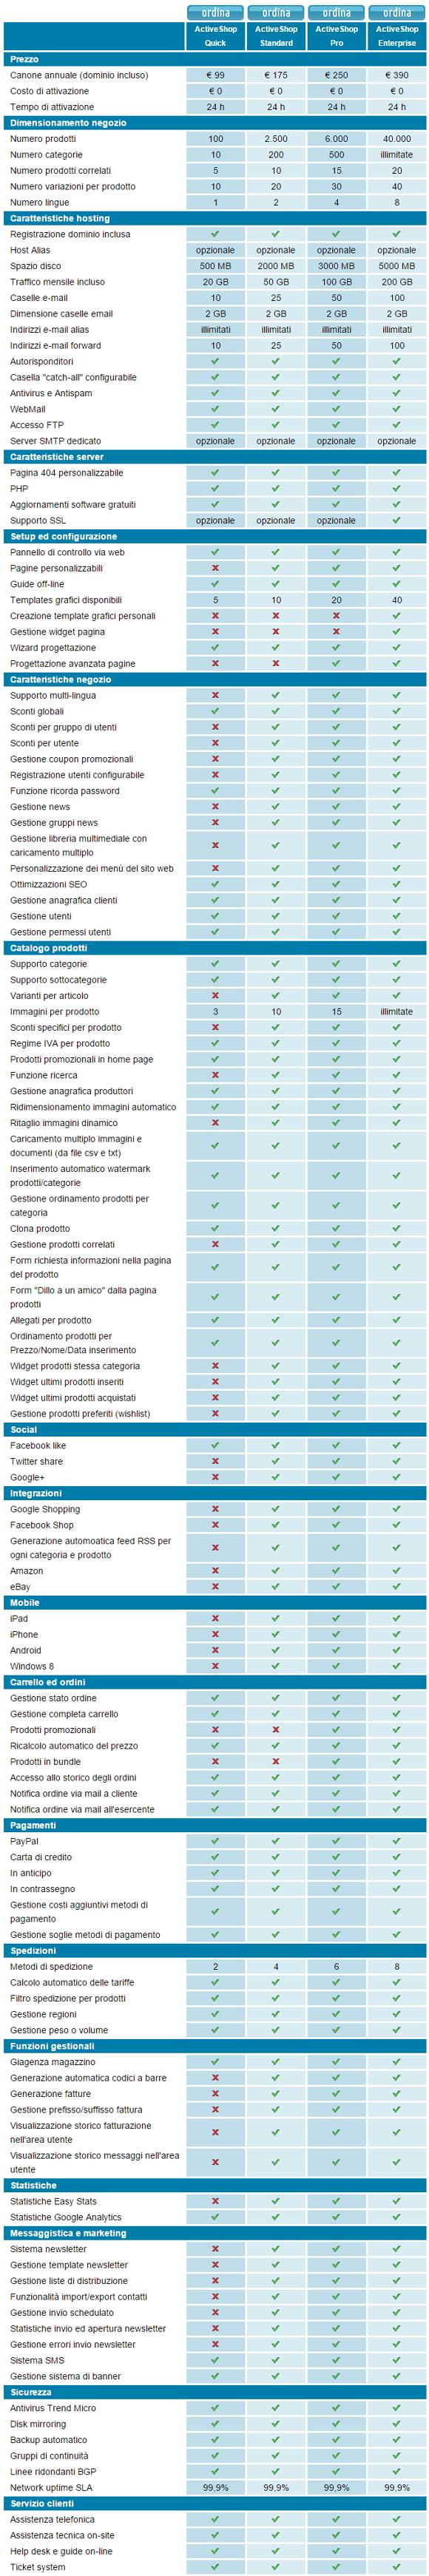 Soluzioni per l'e-commerce Hosting Solutions, piano dell'offerta